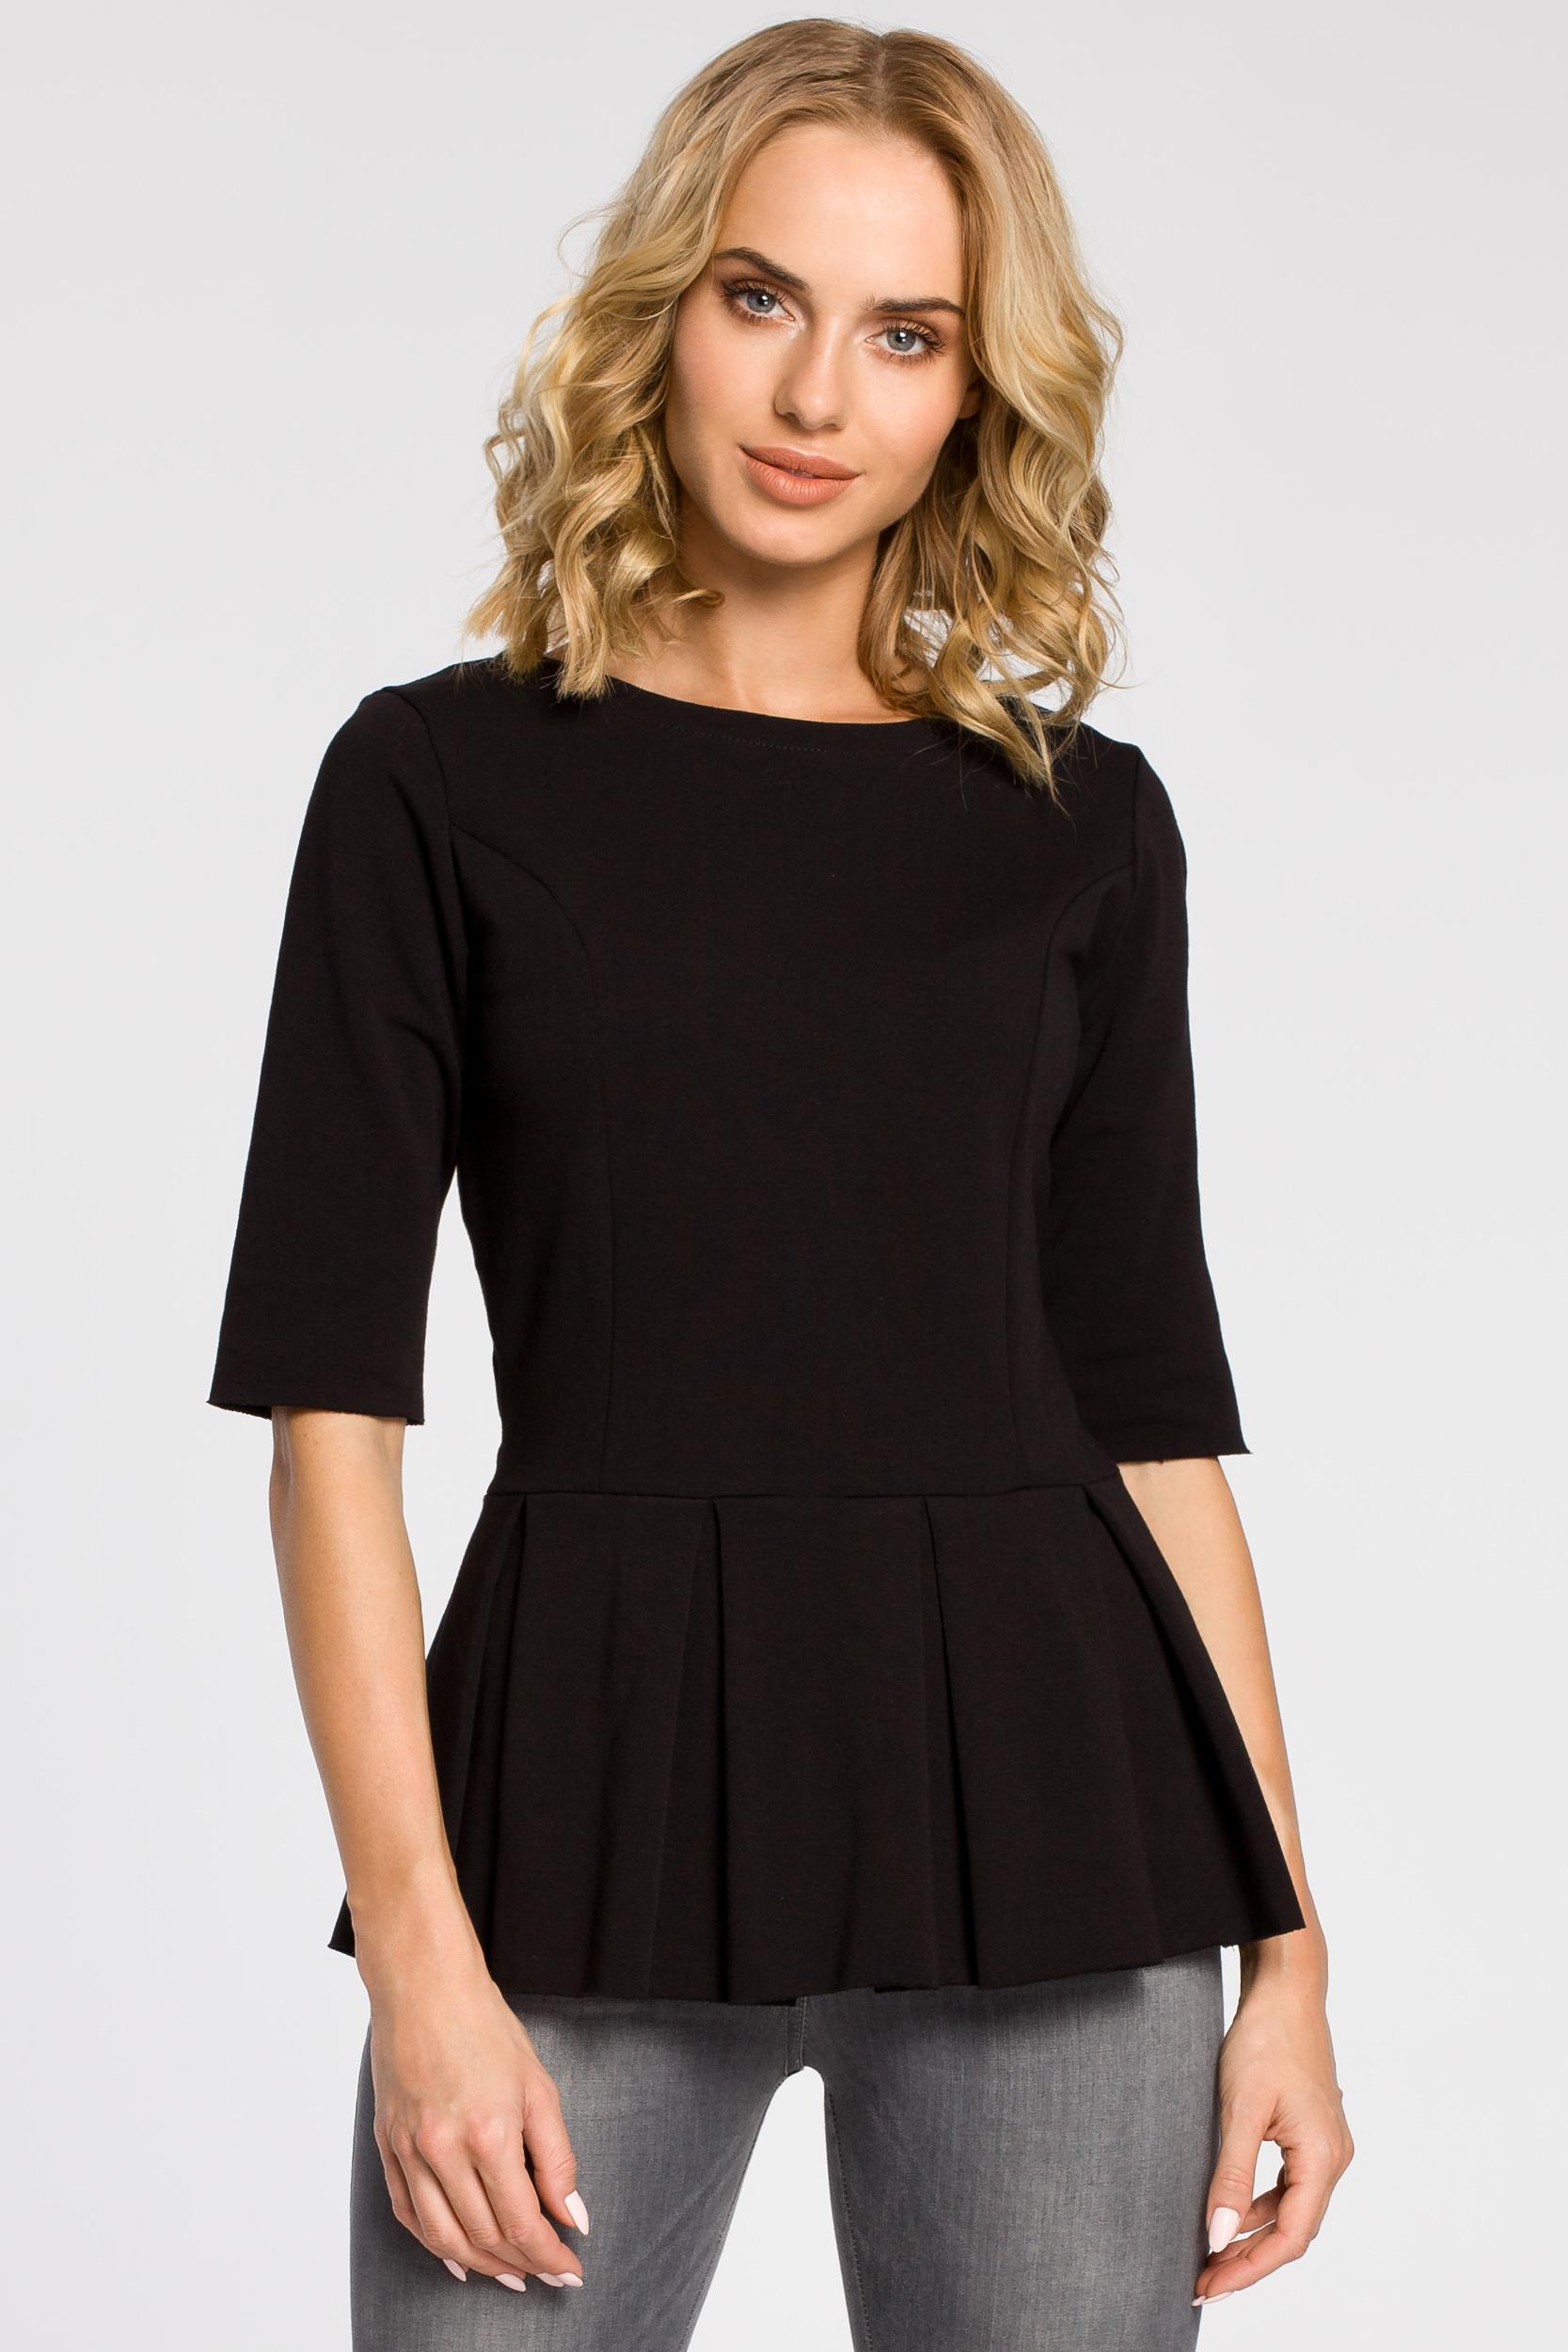 CM1090 Dopasowana bluzka damska z plisowaną baskinką - czarna